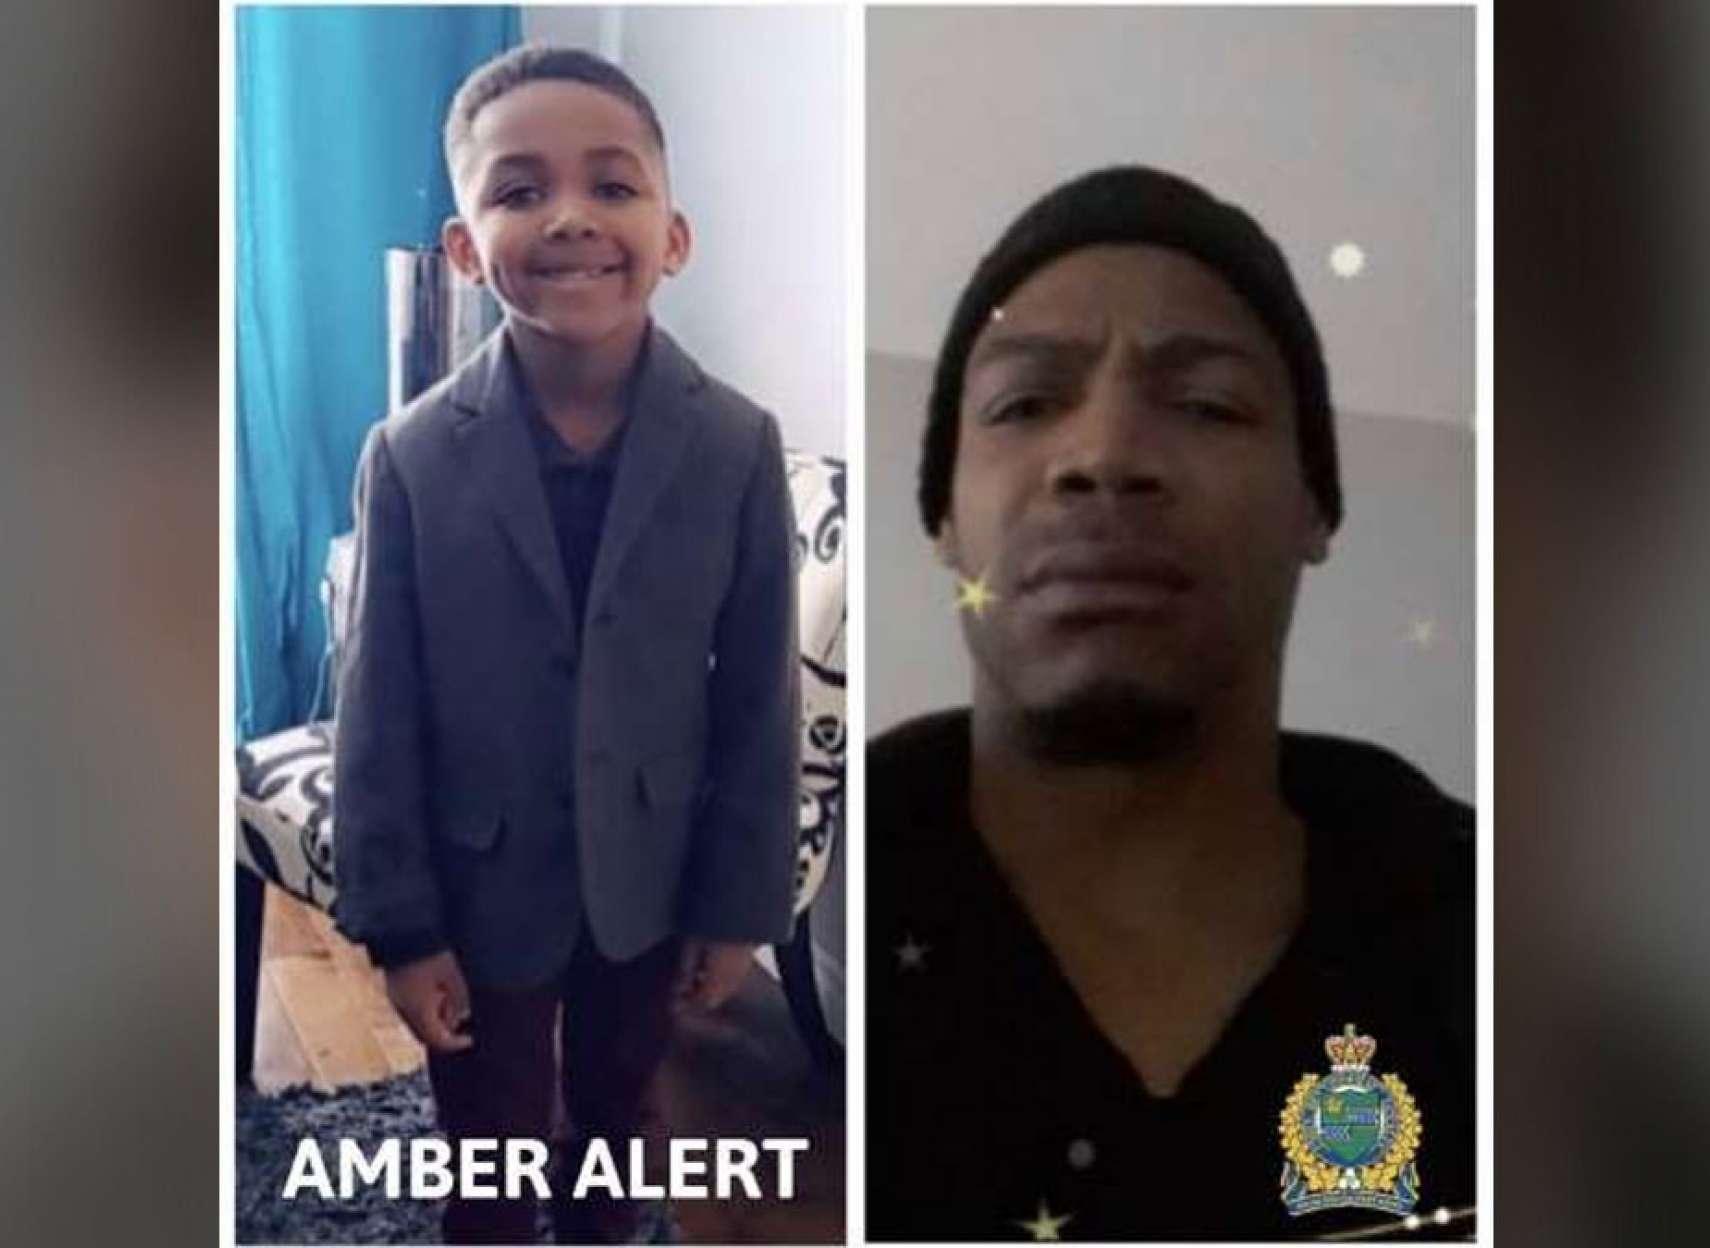 اخبار-تورنتو-نجات-پسر-شش-ساله-گمشده-پس-از-اعلان-وضعیت-هشدار-در-تورنتو